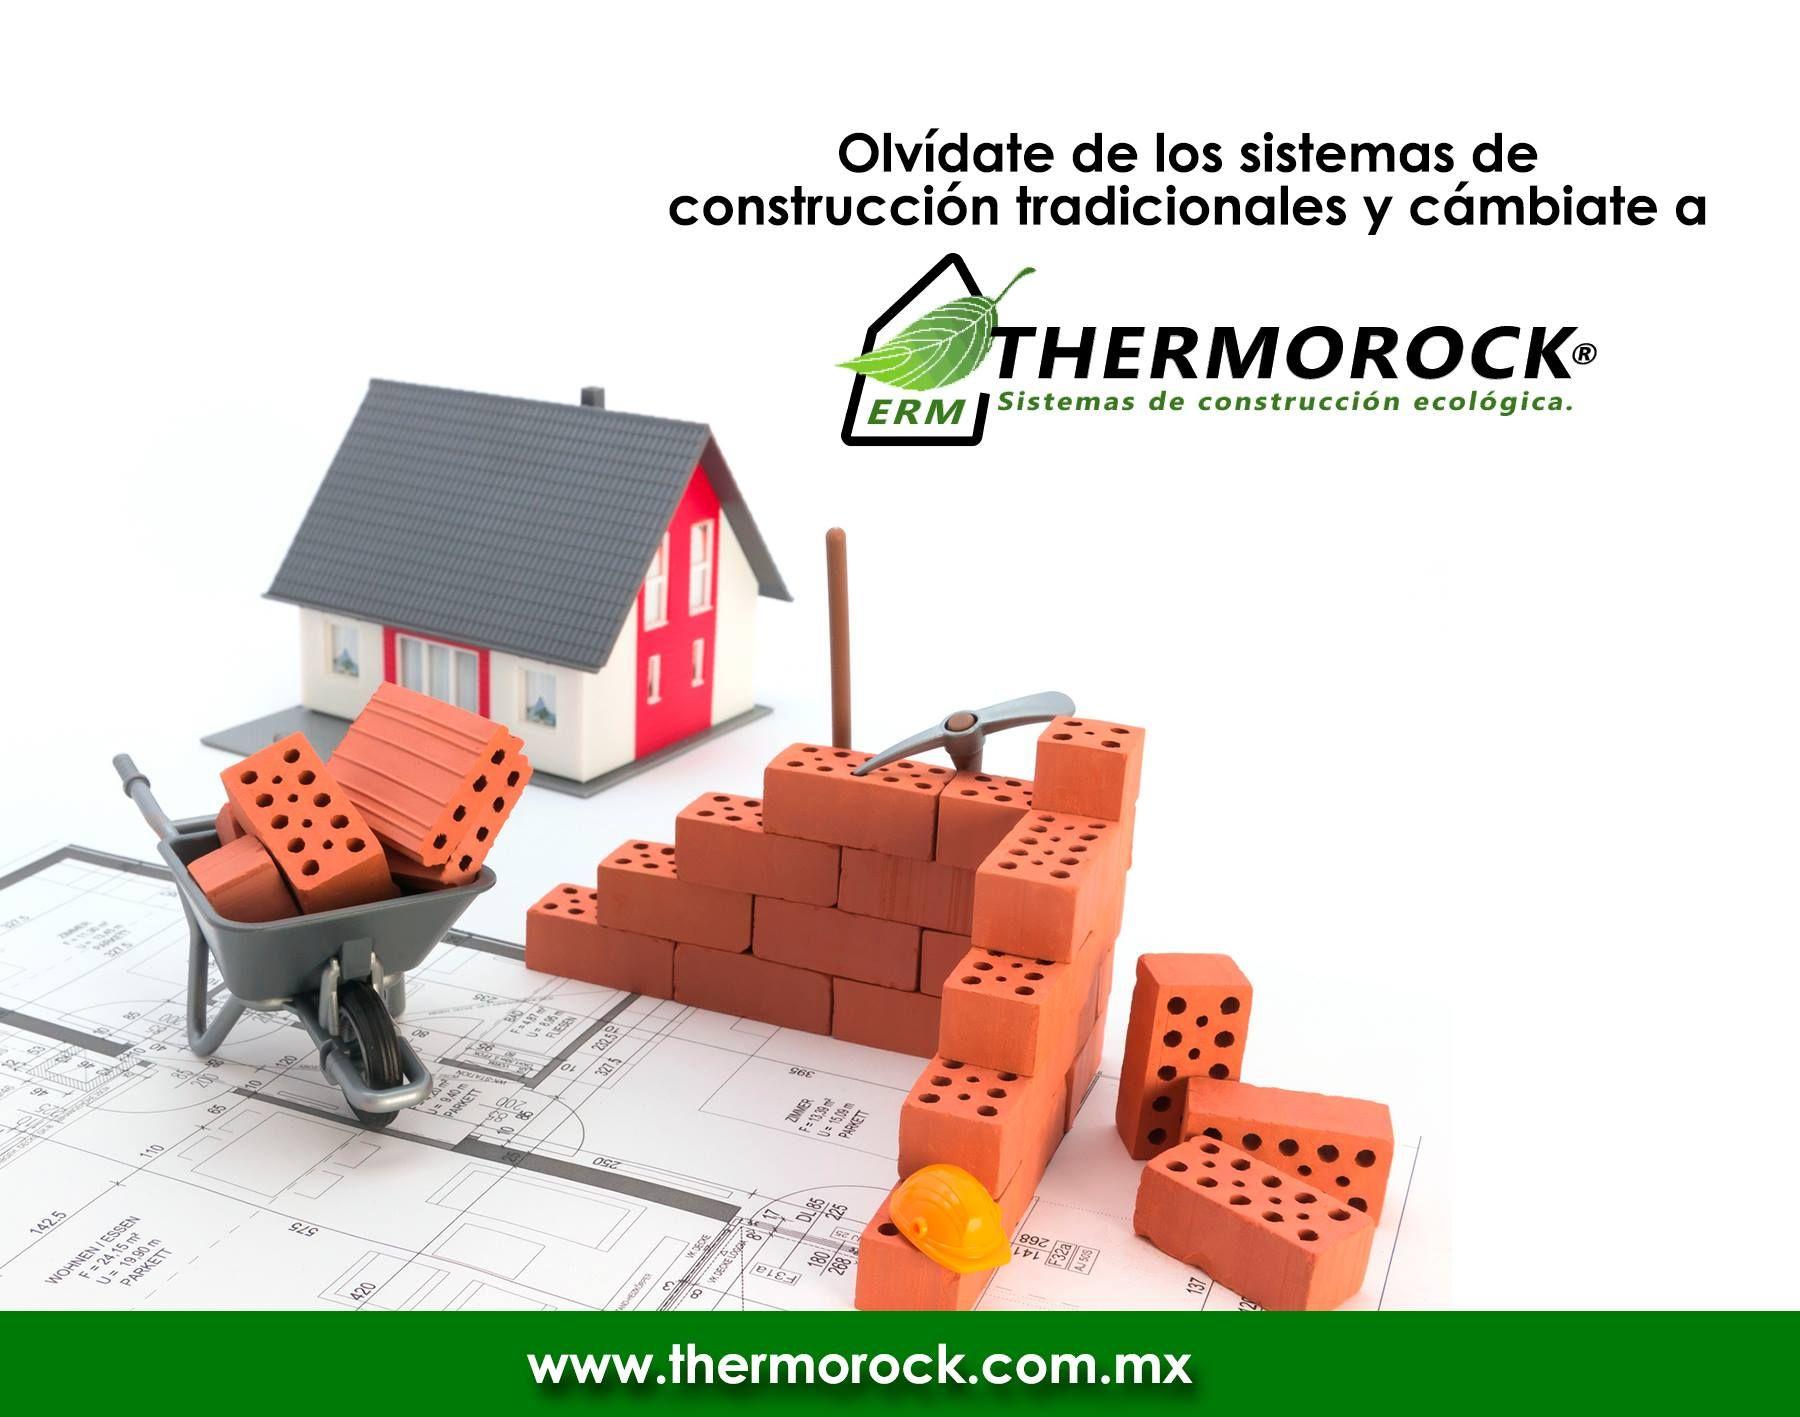 Thermorock Un Nuevo Sistema De Construccion Thermorock